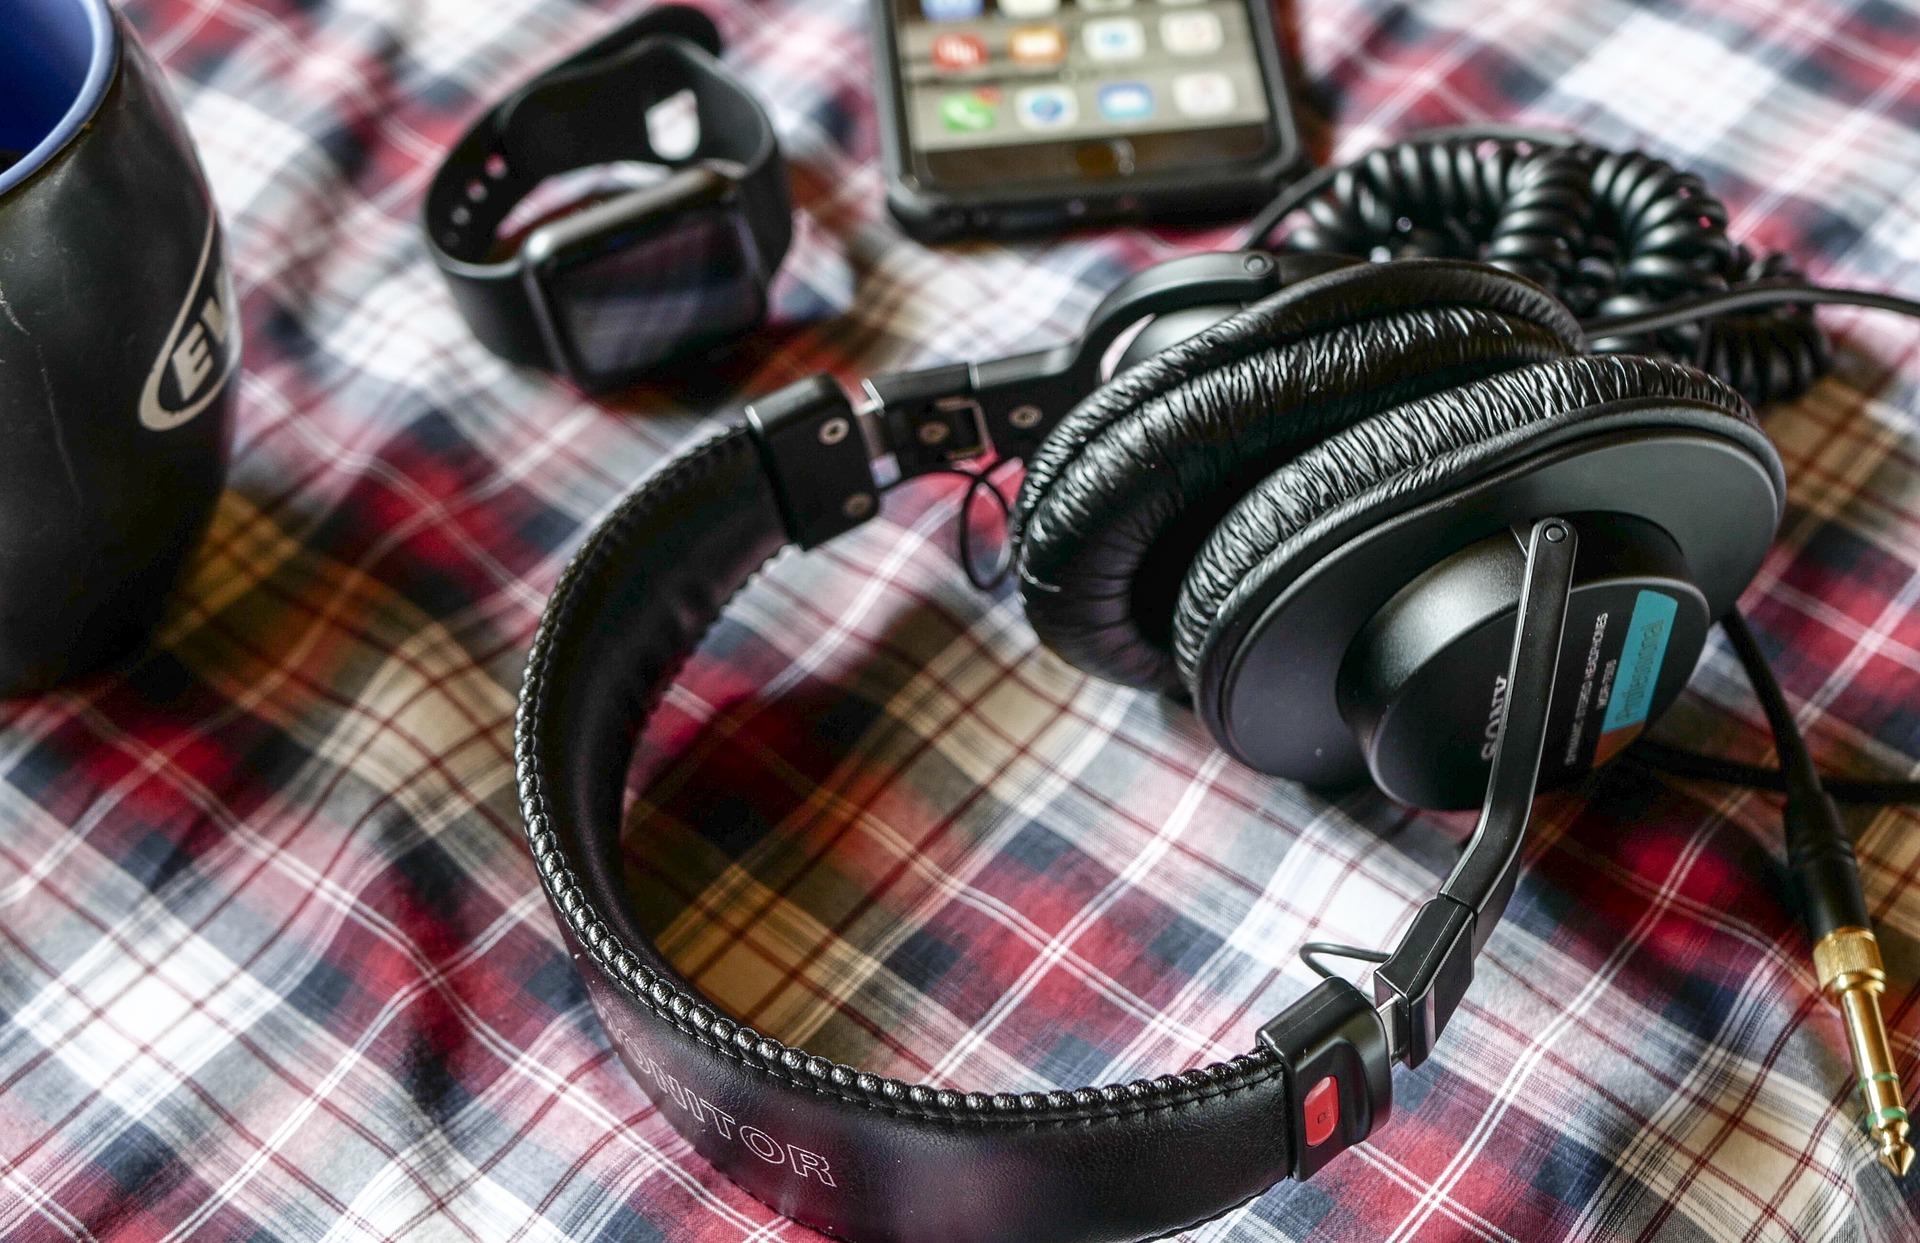 מכשירי האזנה: מידע שחשוב להכיר